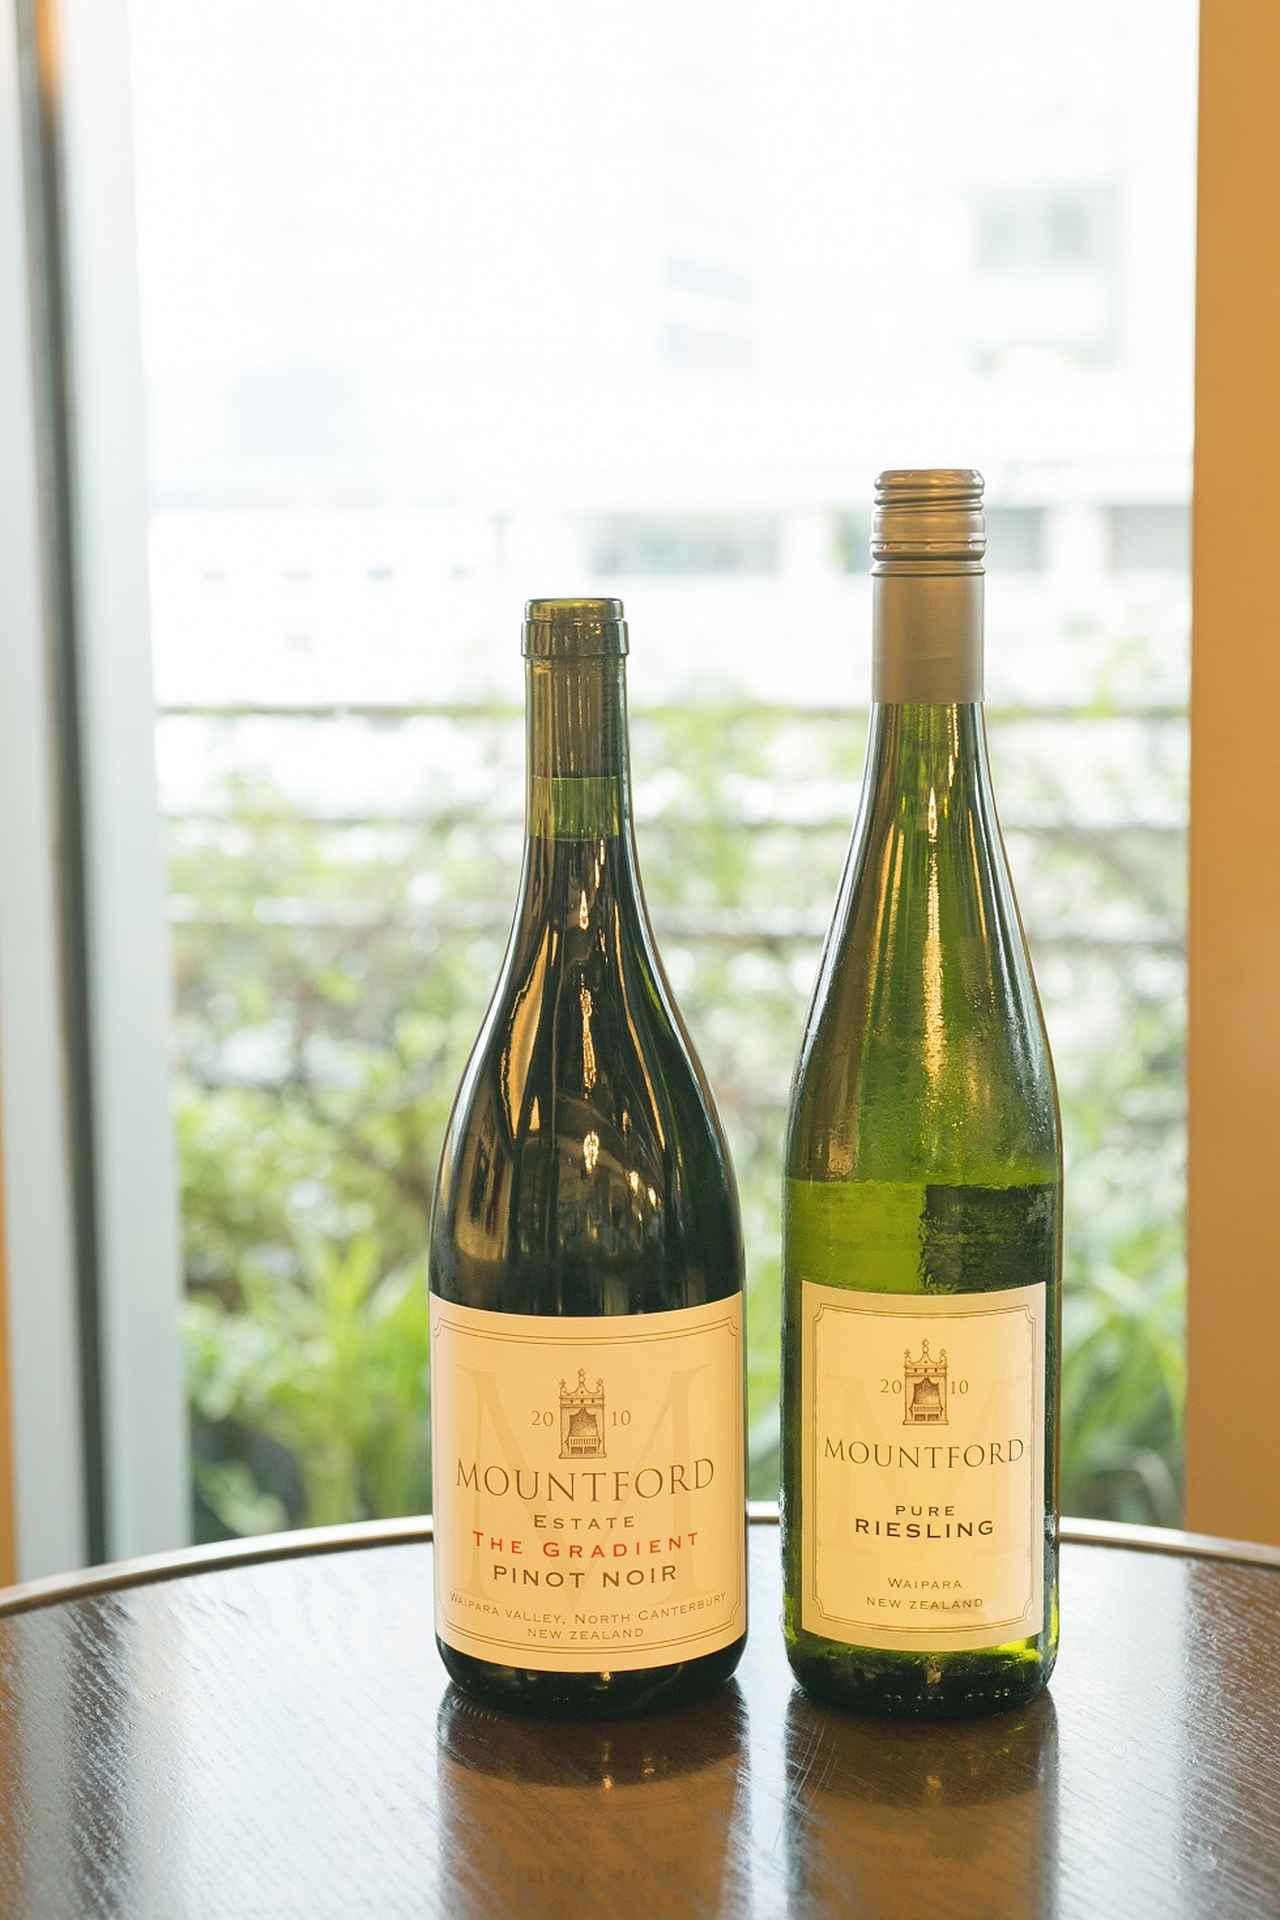 Images : 4番目の画像 - 「醸造家・小山竜宇の挑戦。 ニュージーランドワインの 魅力を世界へ」のアルバム - T JAPAN:The New York Times Style Magazine 公式サイト